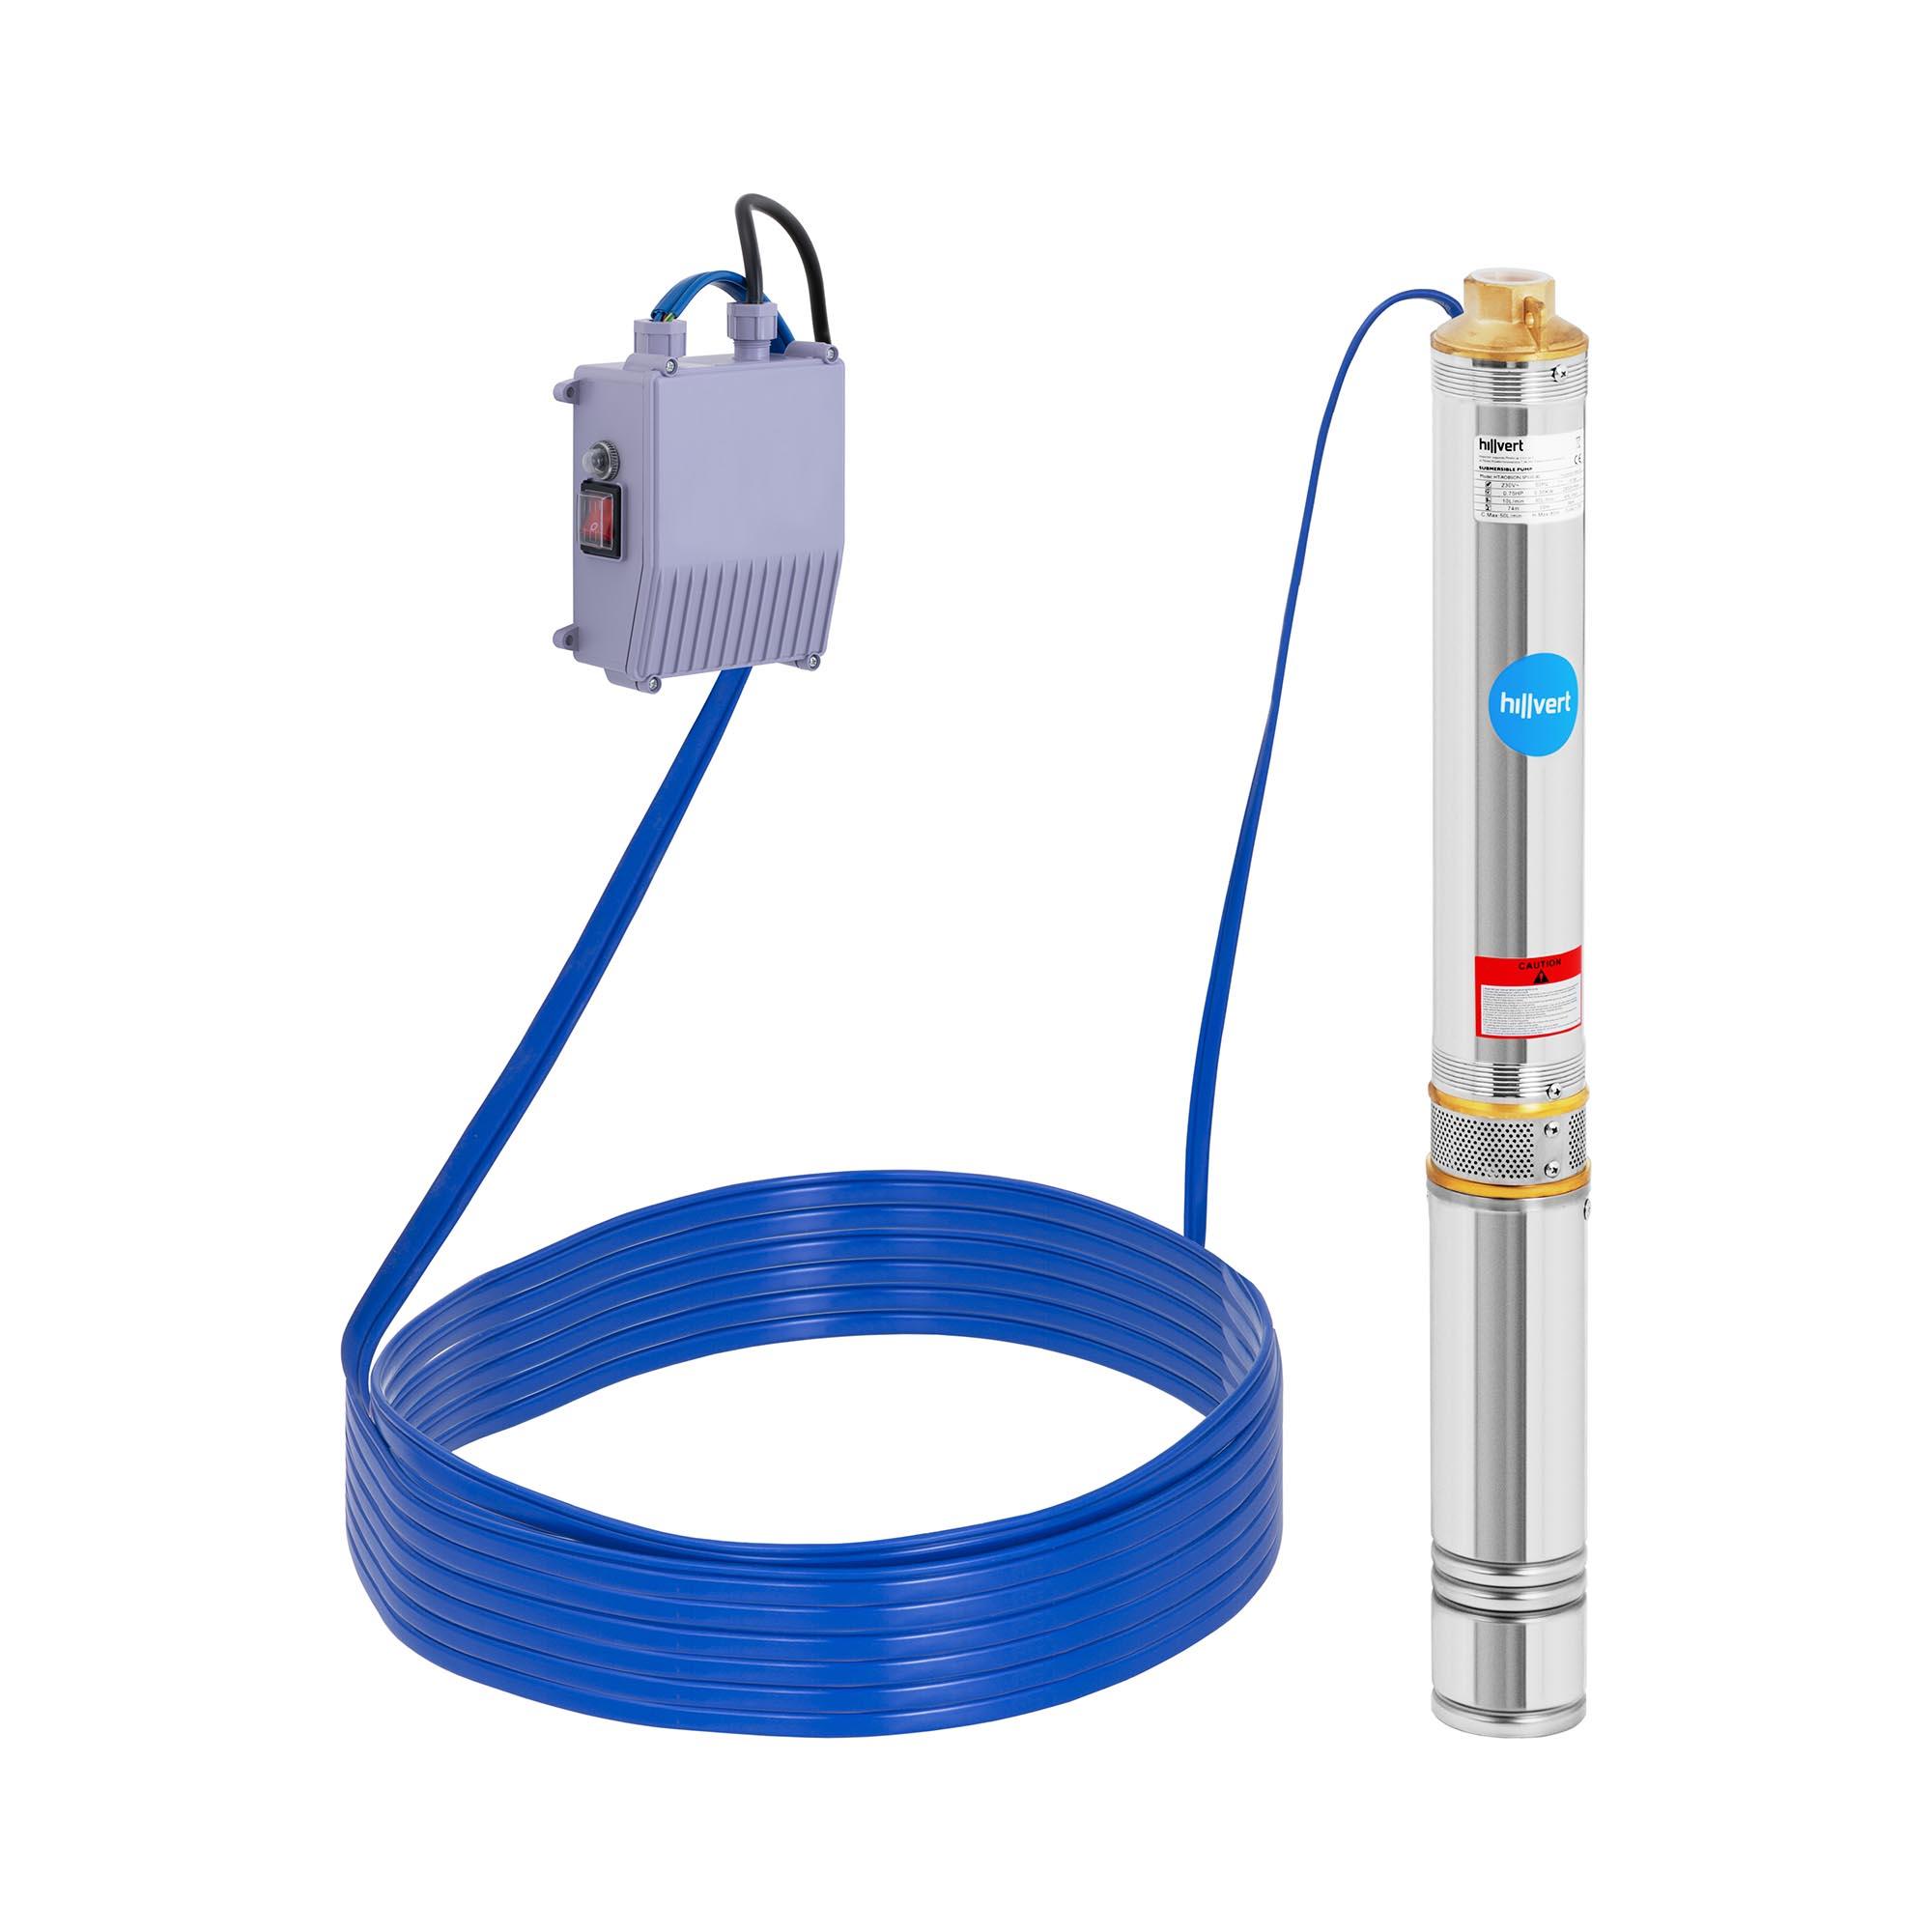 hillvert Brunnenpumpe - 3.000 l/h - 550 W HT-ROBSON-SP550-80